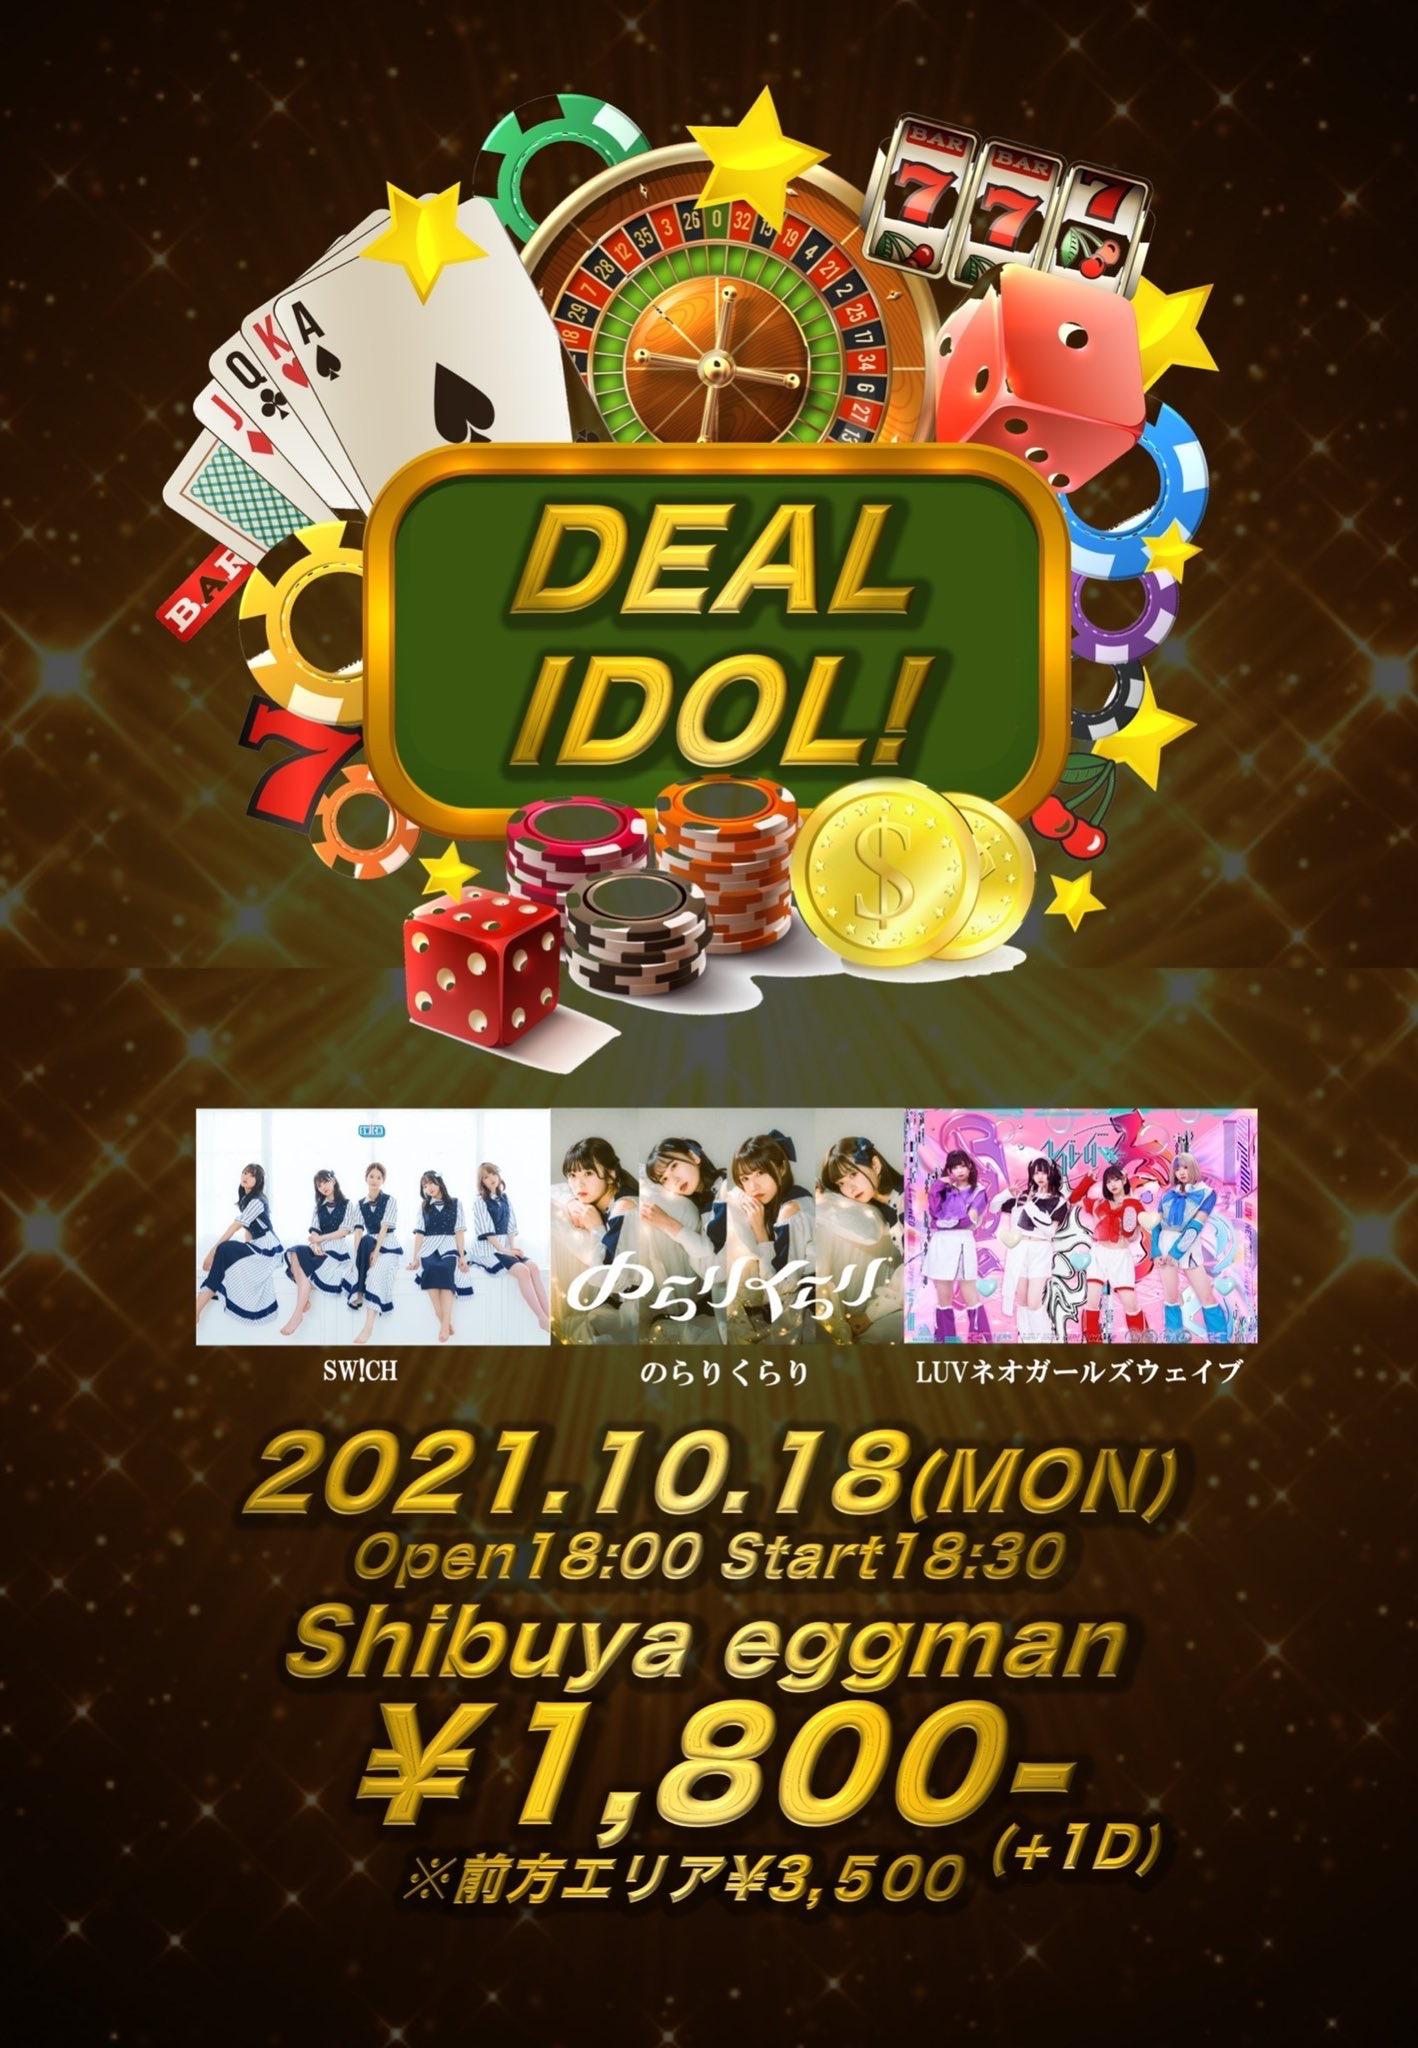 DEAL IDOL! Vol.02